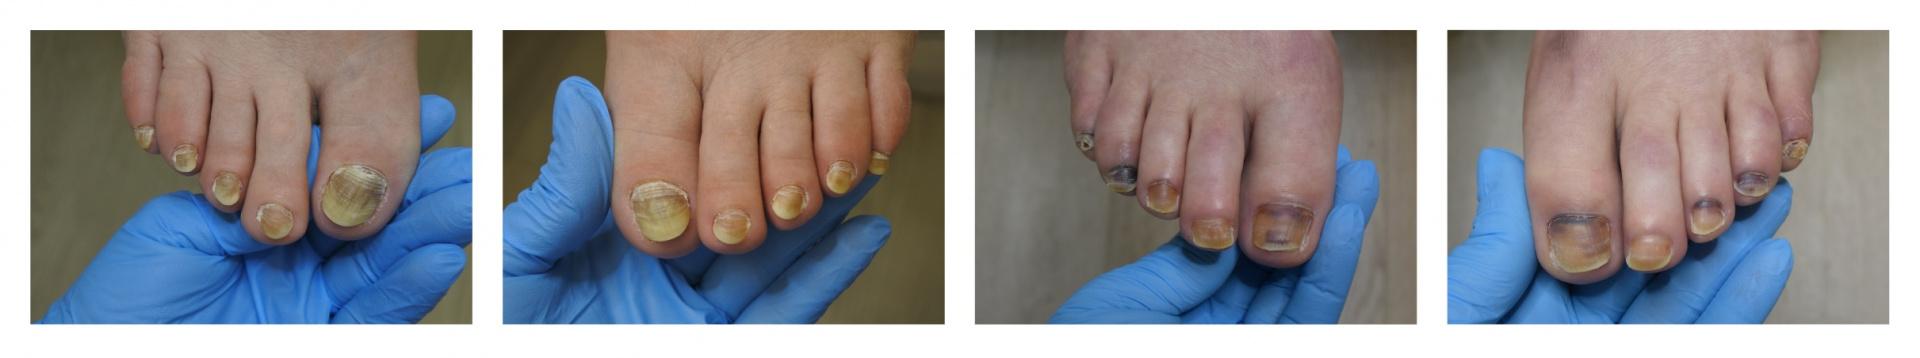 Примеры поражения ногтевых пластин в процессе лечения онкологических заболеваний.jpg